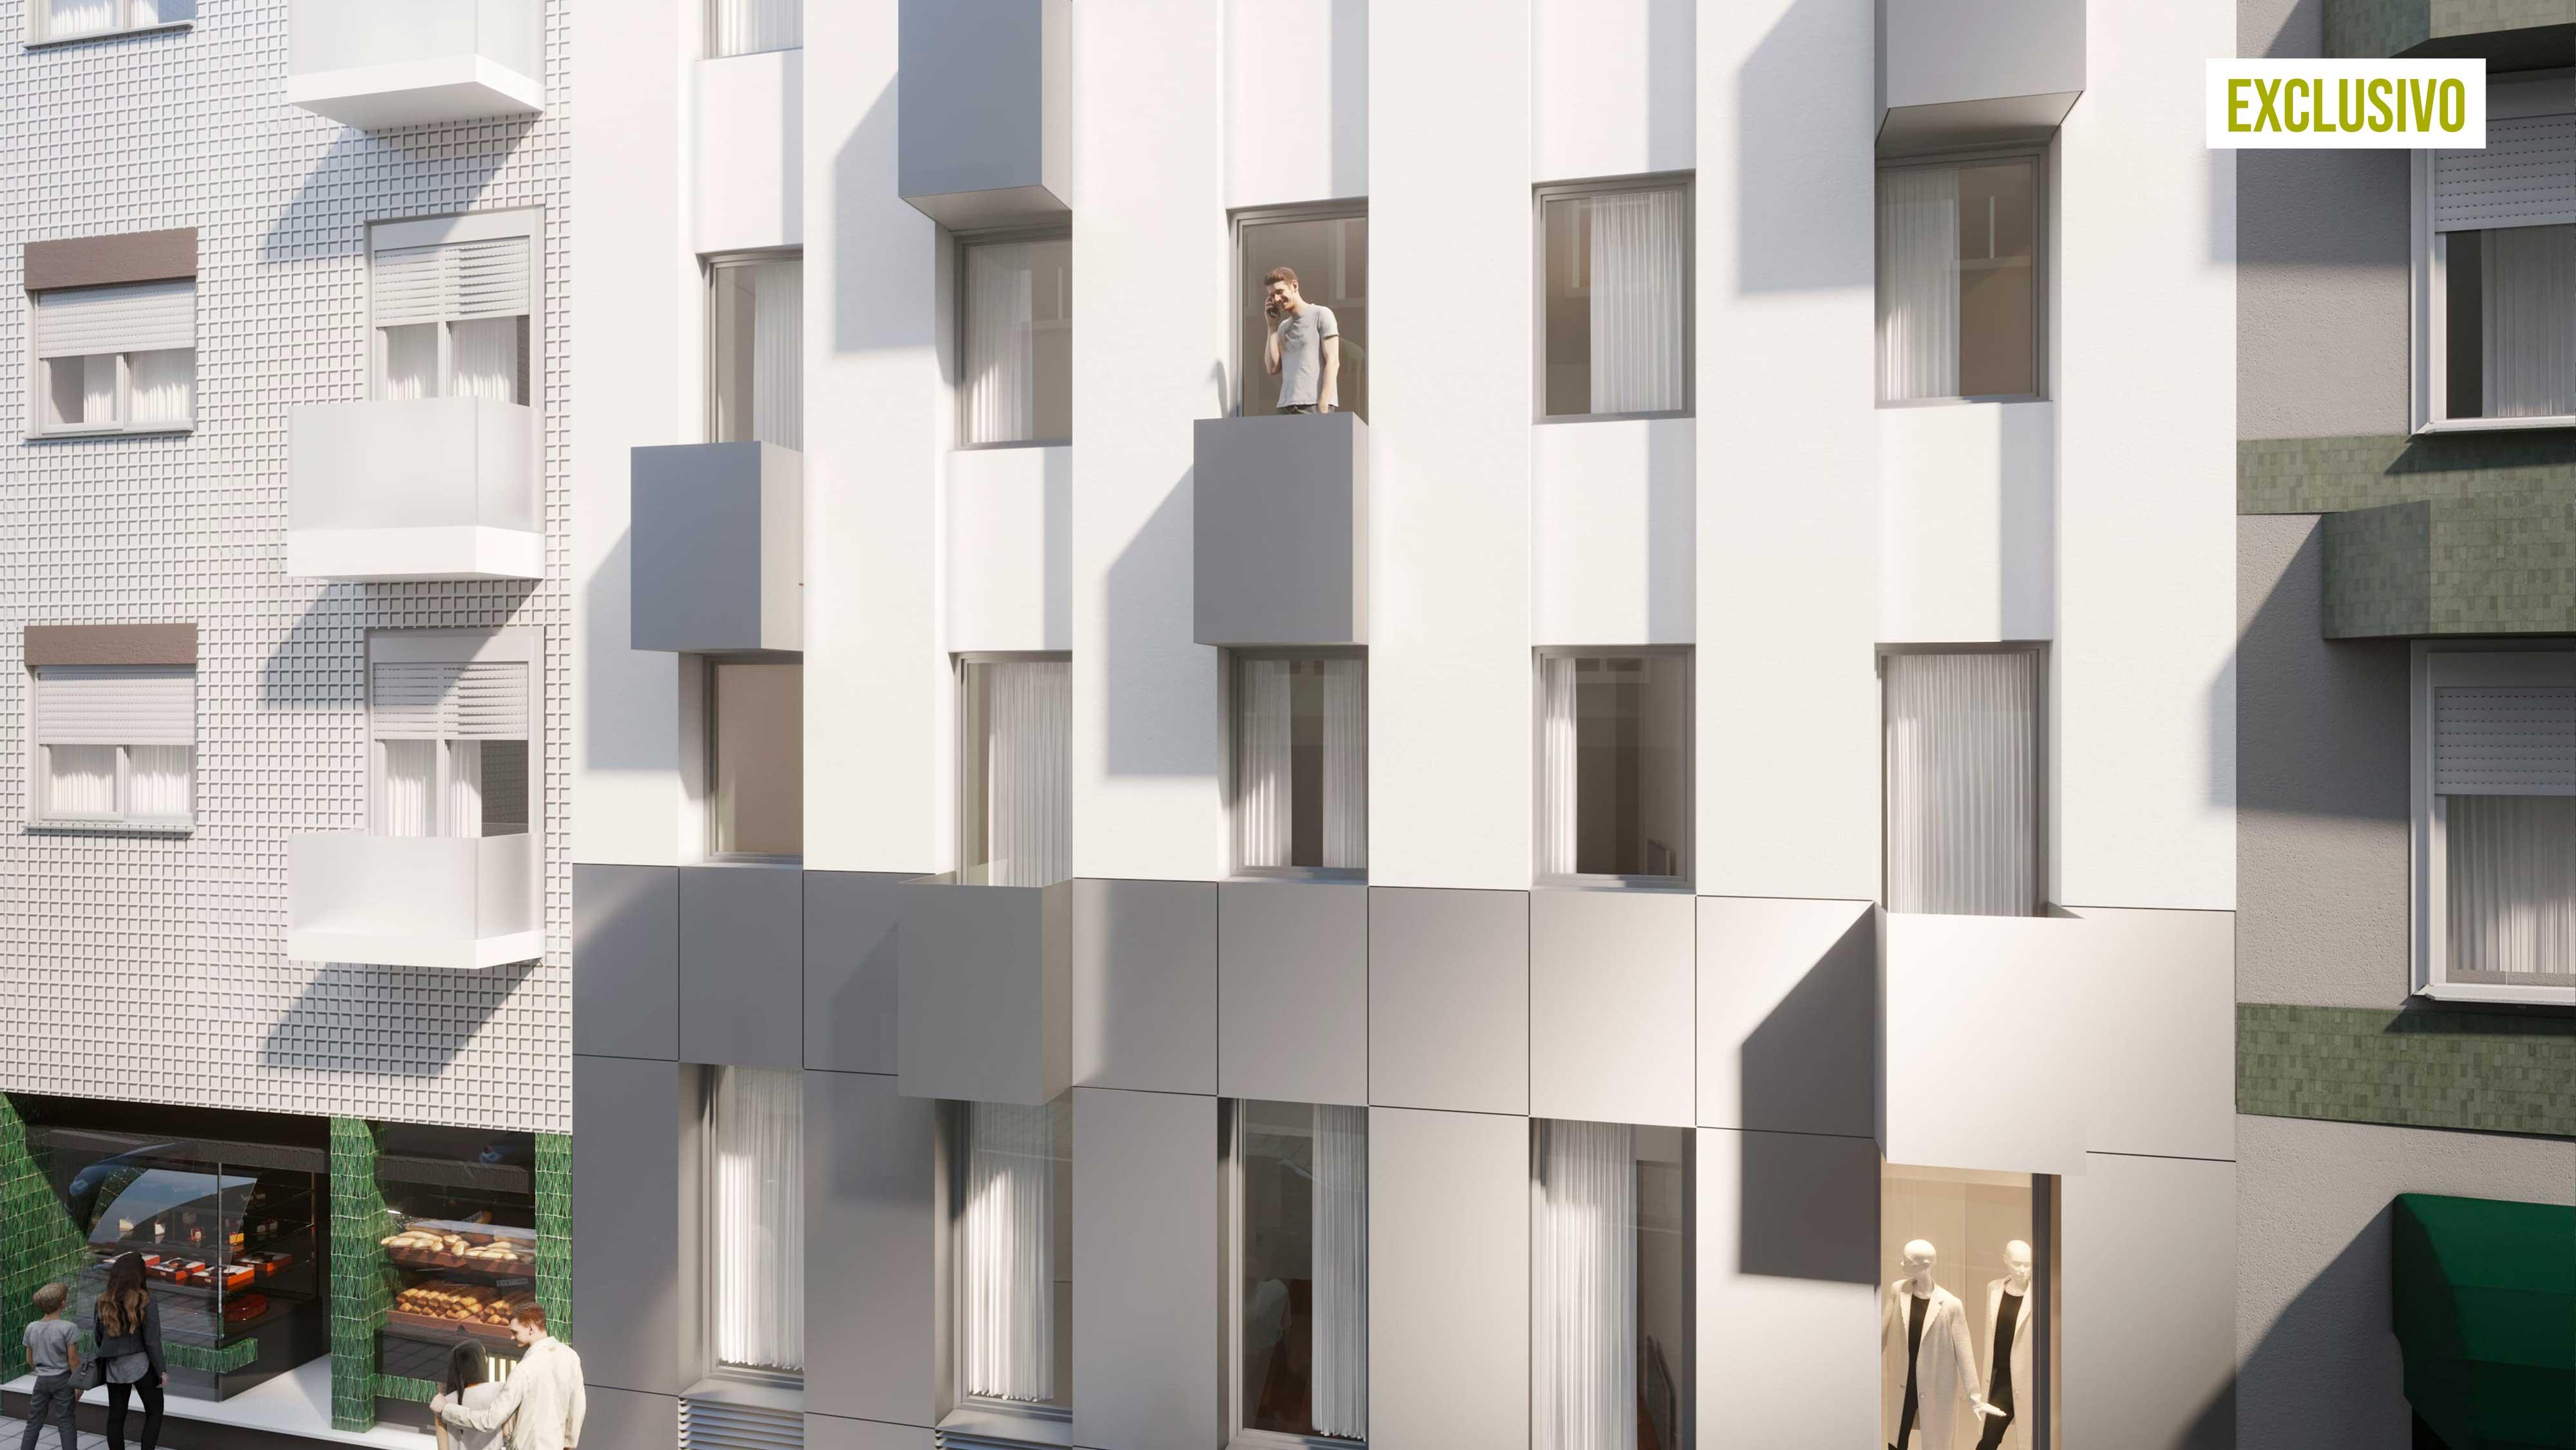 Edifício Viver Camões | EXCLUSIVO